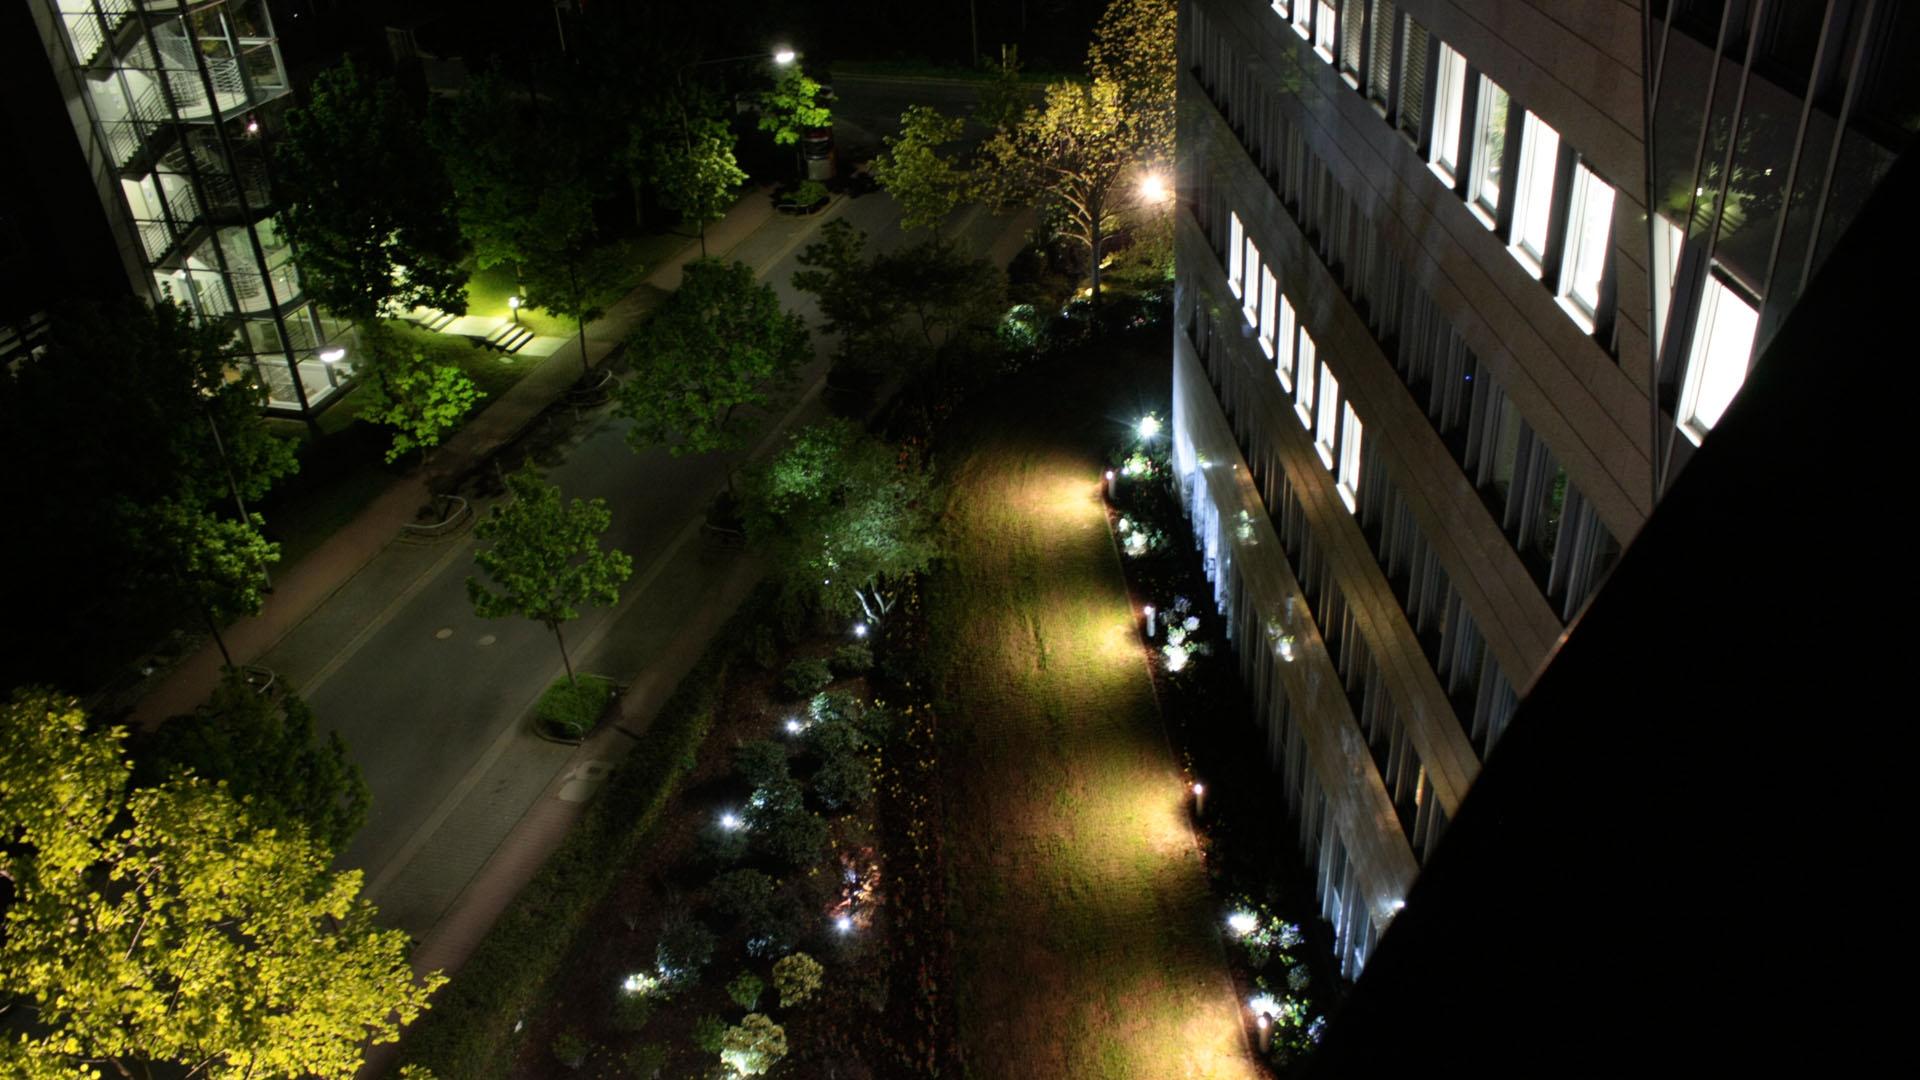 MAASS-Lichtplanung_Lichtplanung für Fassade und Freiflächen__02_Olof-Palme-Straße_Slideshow_08